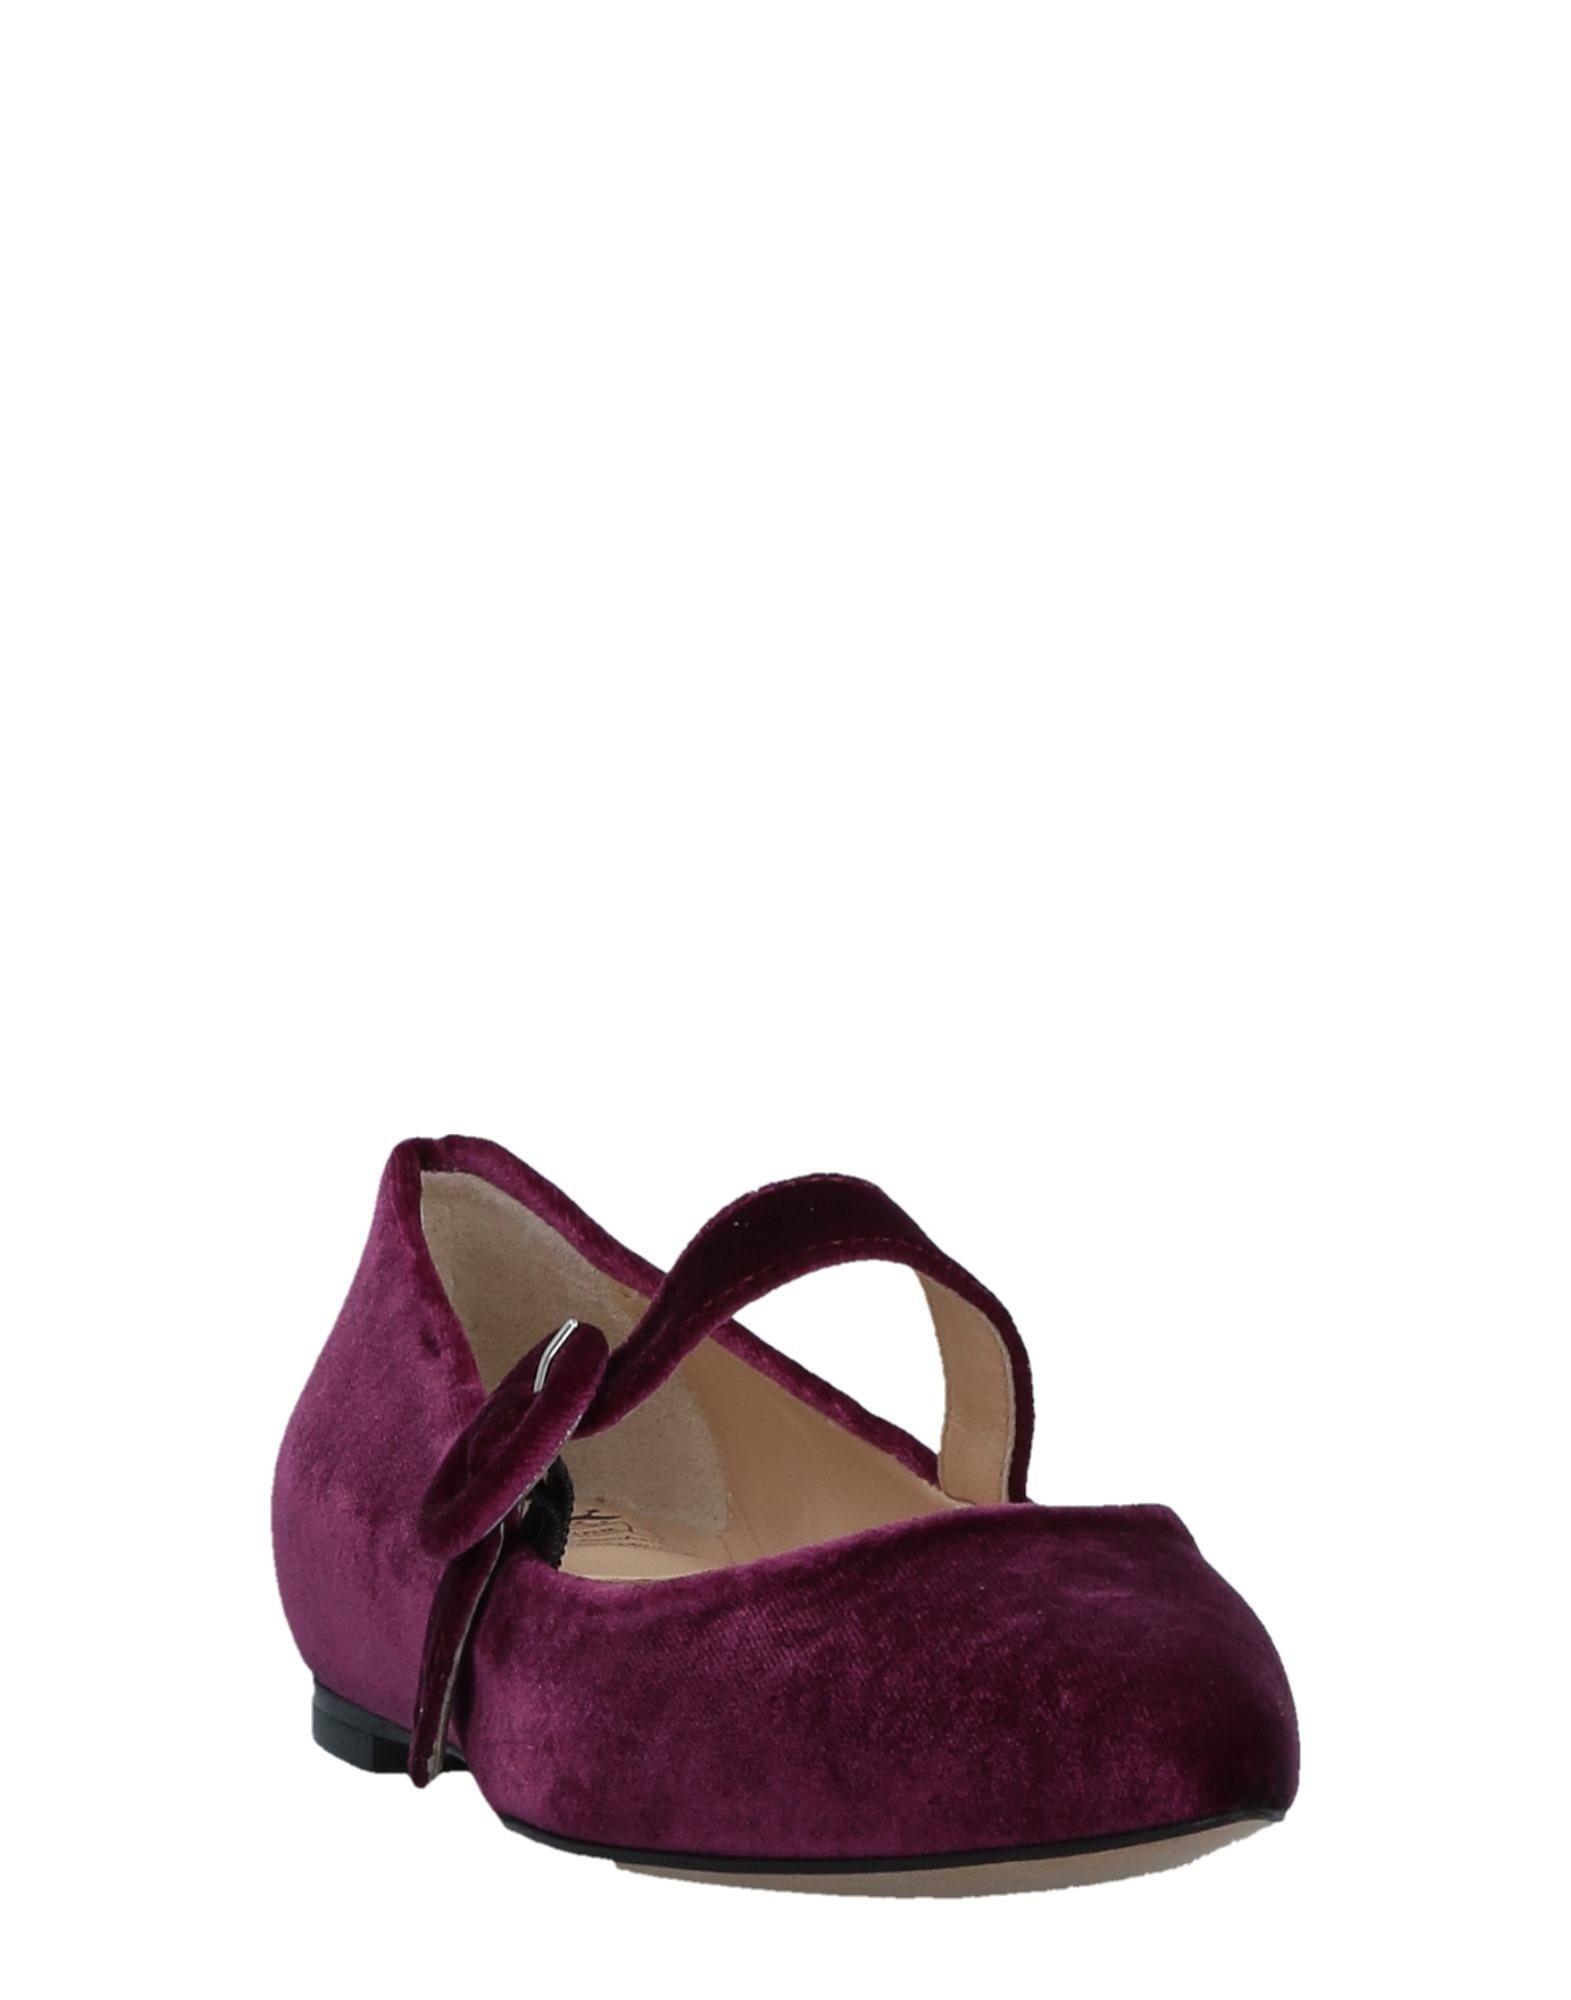 L'arianna 11521339VE Ballerinas Damen  11521339VE L'arianna Gute Qualität beliebte Schuhe 54675a